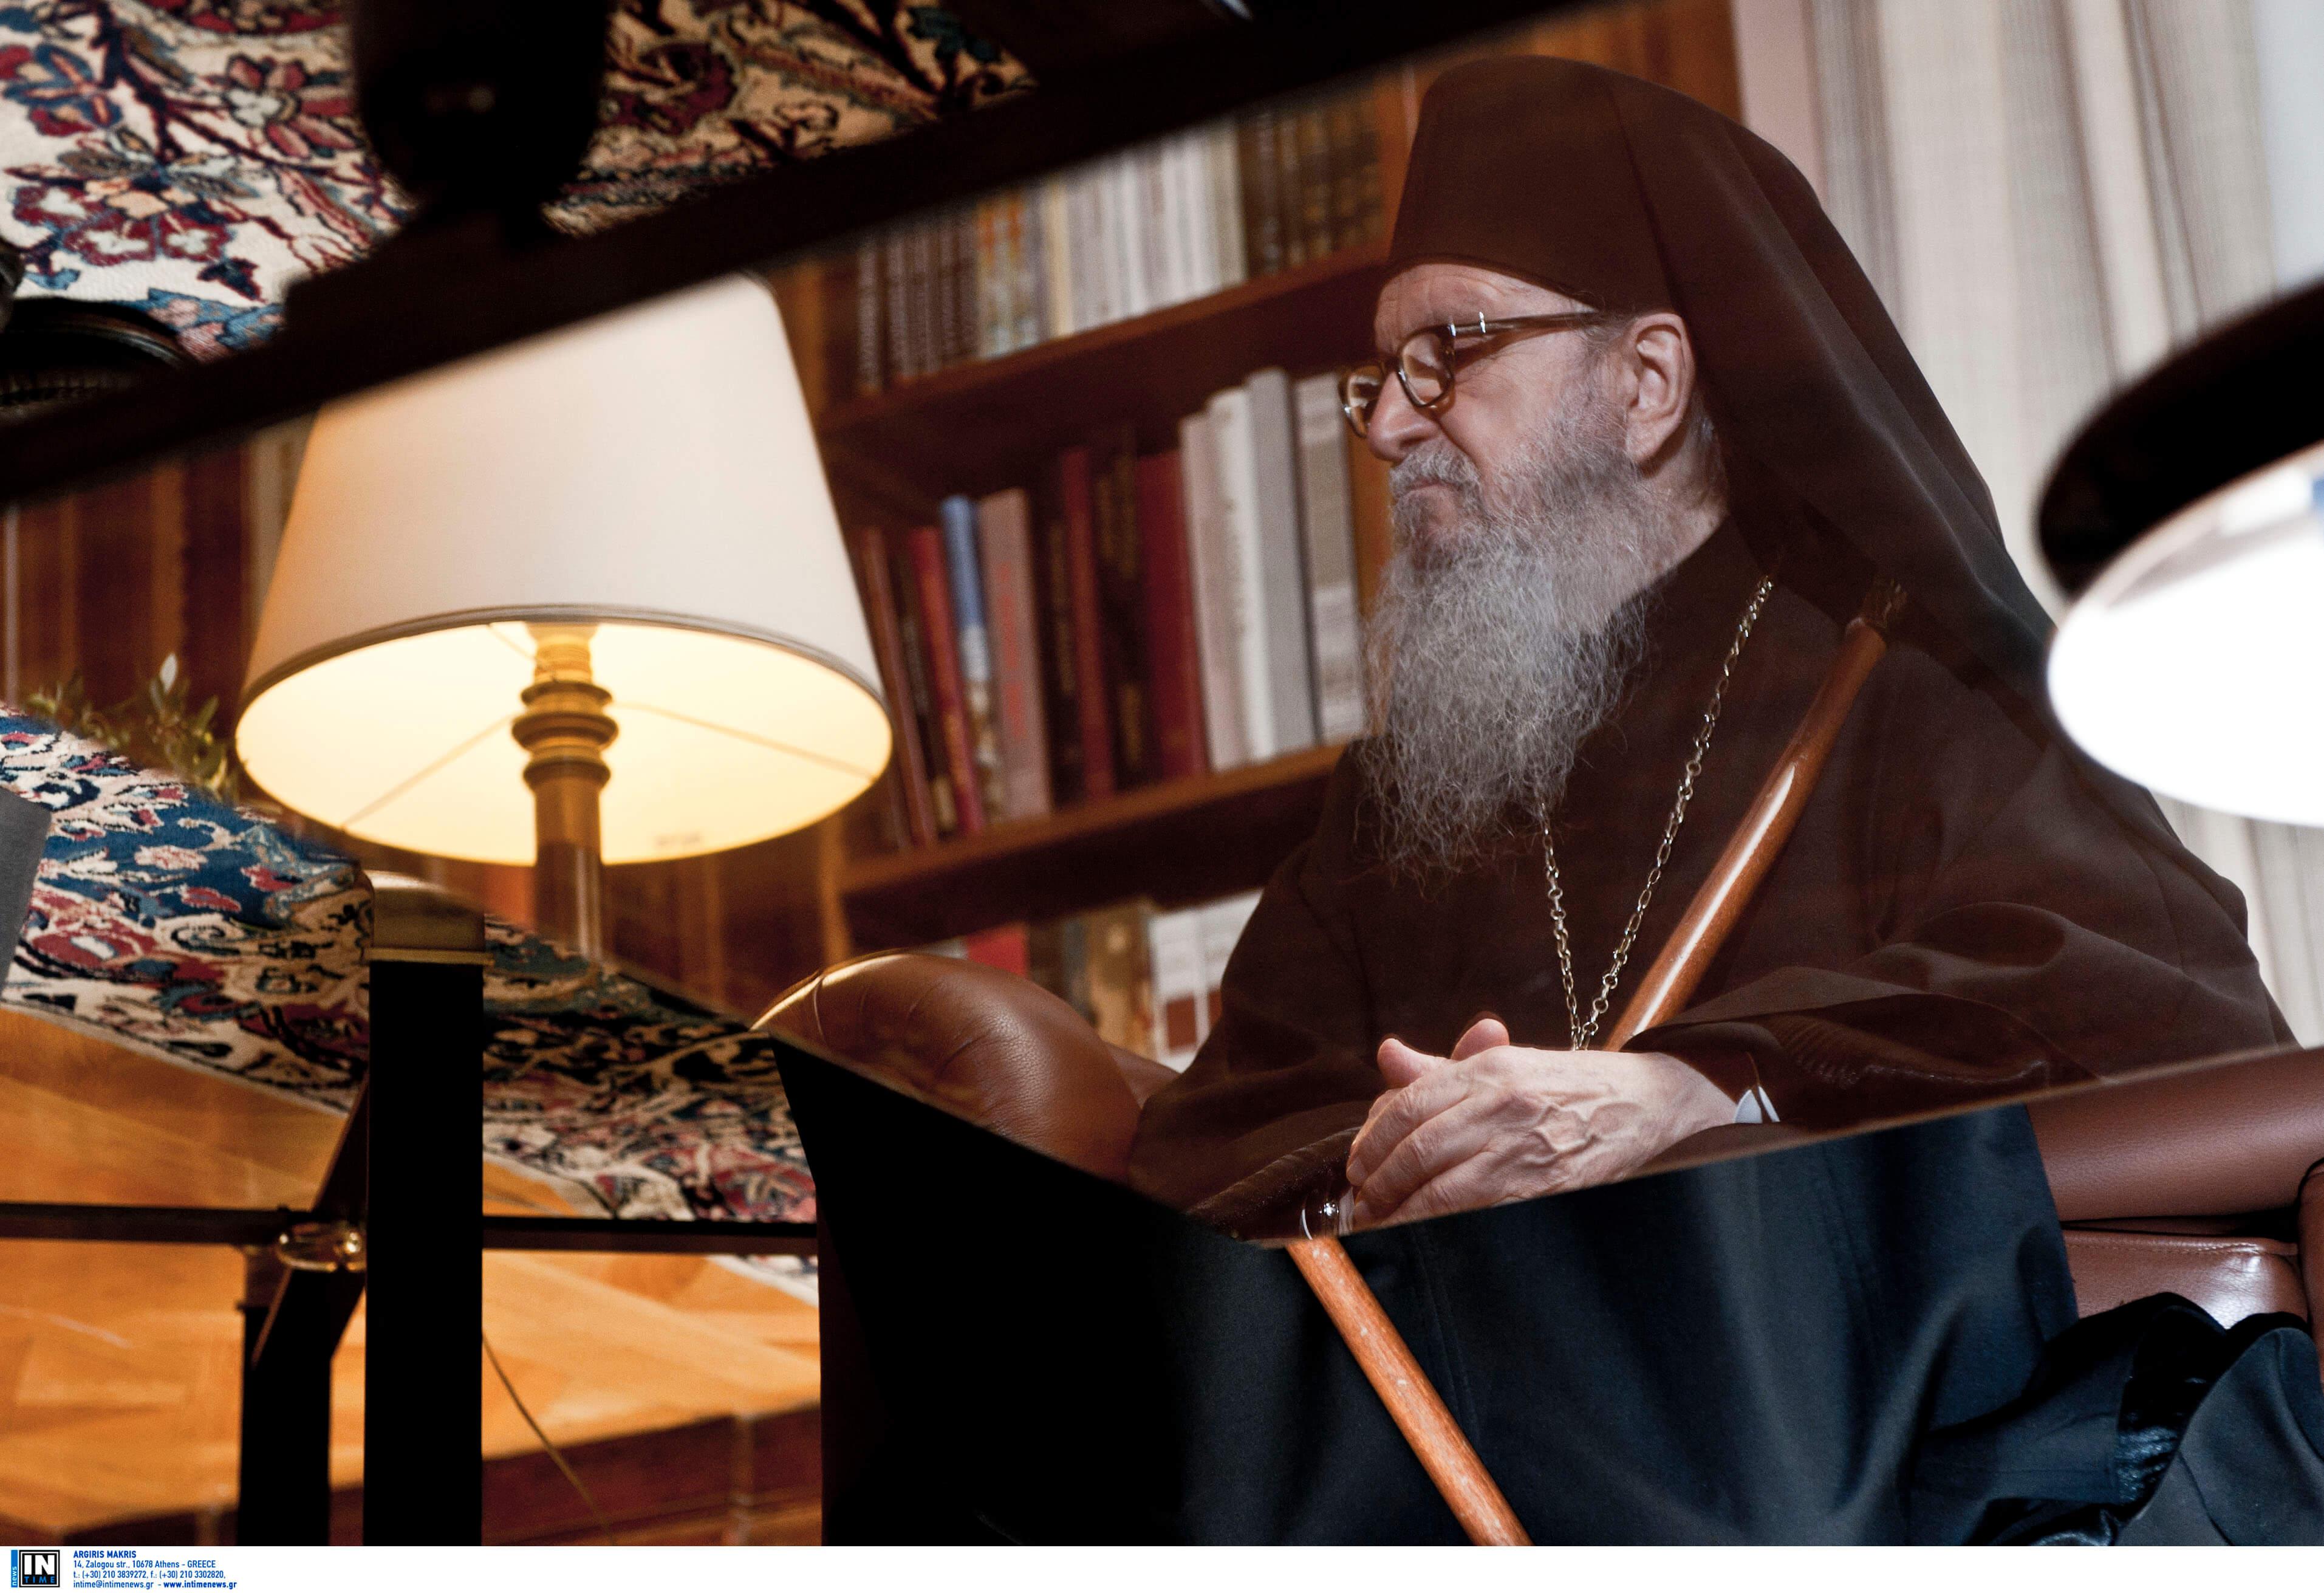 Παραιτήθηκε ο Αρχιεπίσκοπος Αμερικής Δημήτριος!